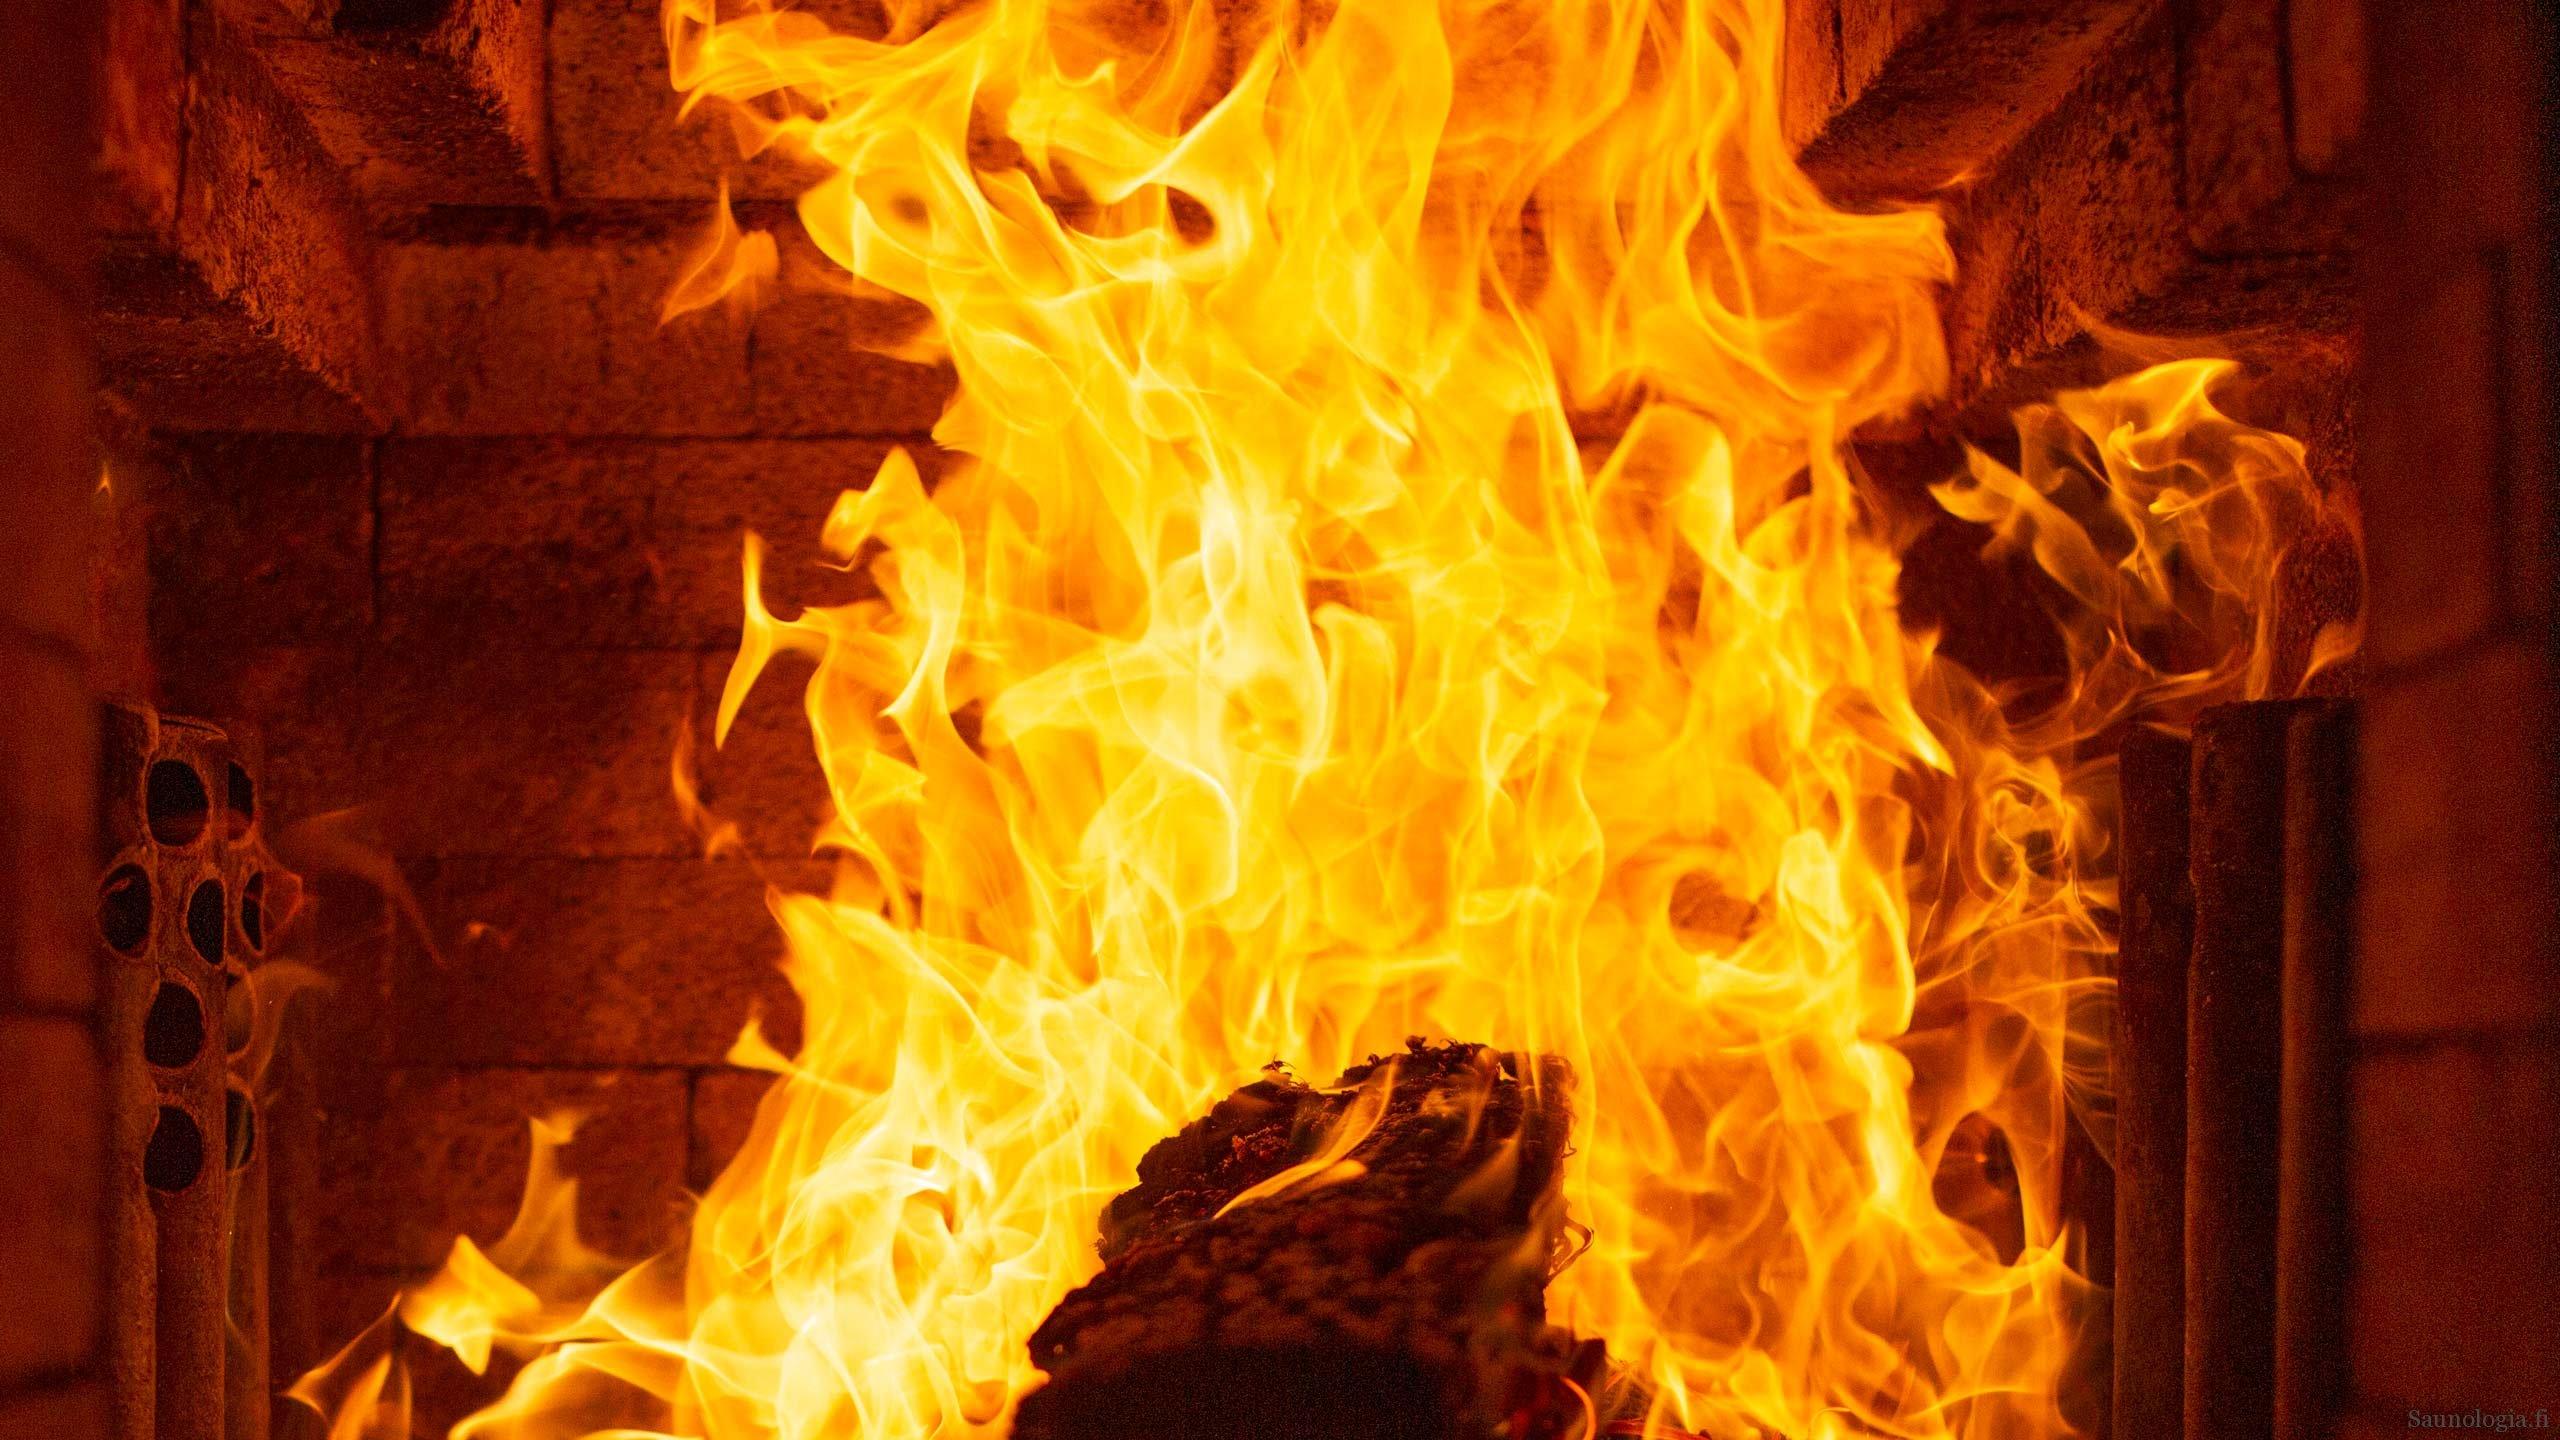 Kaasutuskiuas erottaa hiilen palamisen puukiukaassa